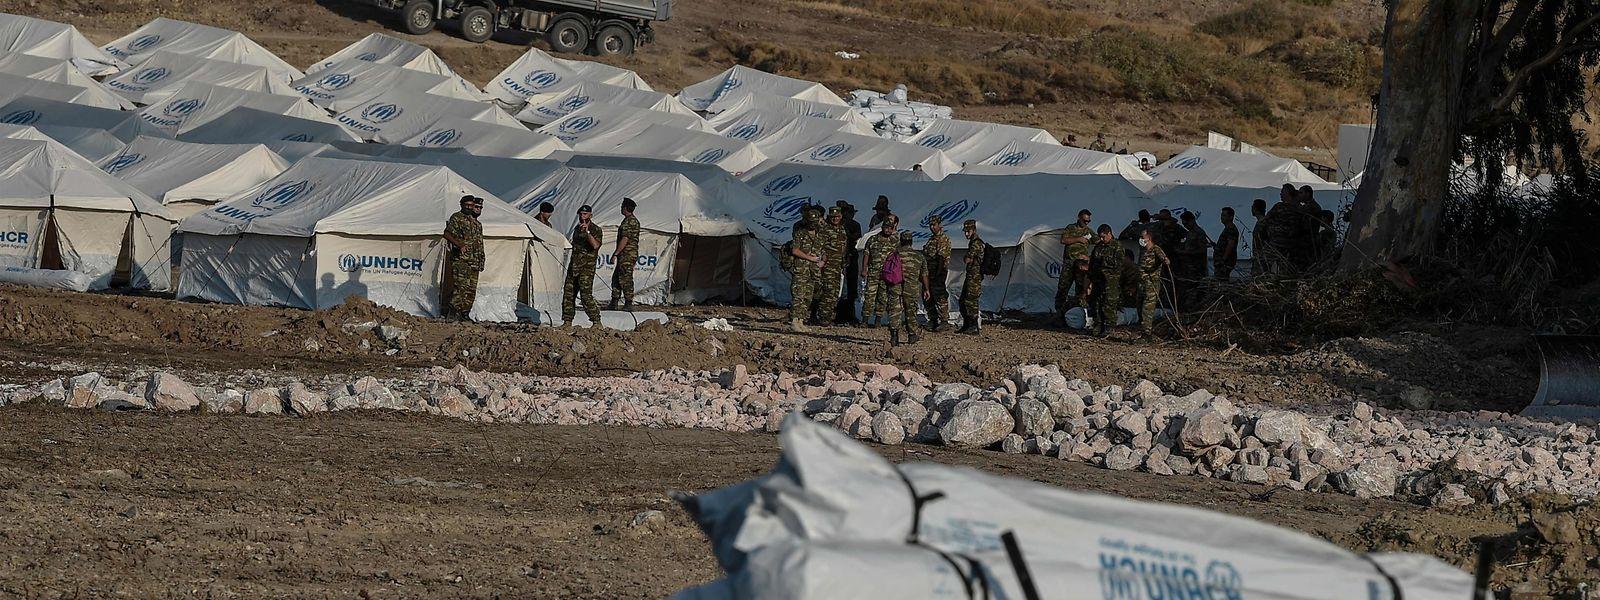 Die griechische Armee errichtete auf Lesbos ein temporäres Zeltlager für obdachlose Migranten.